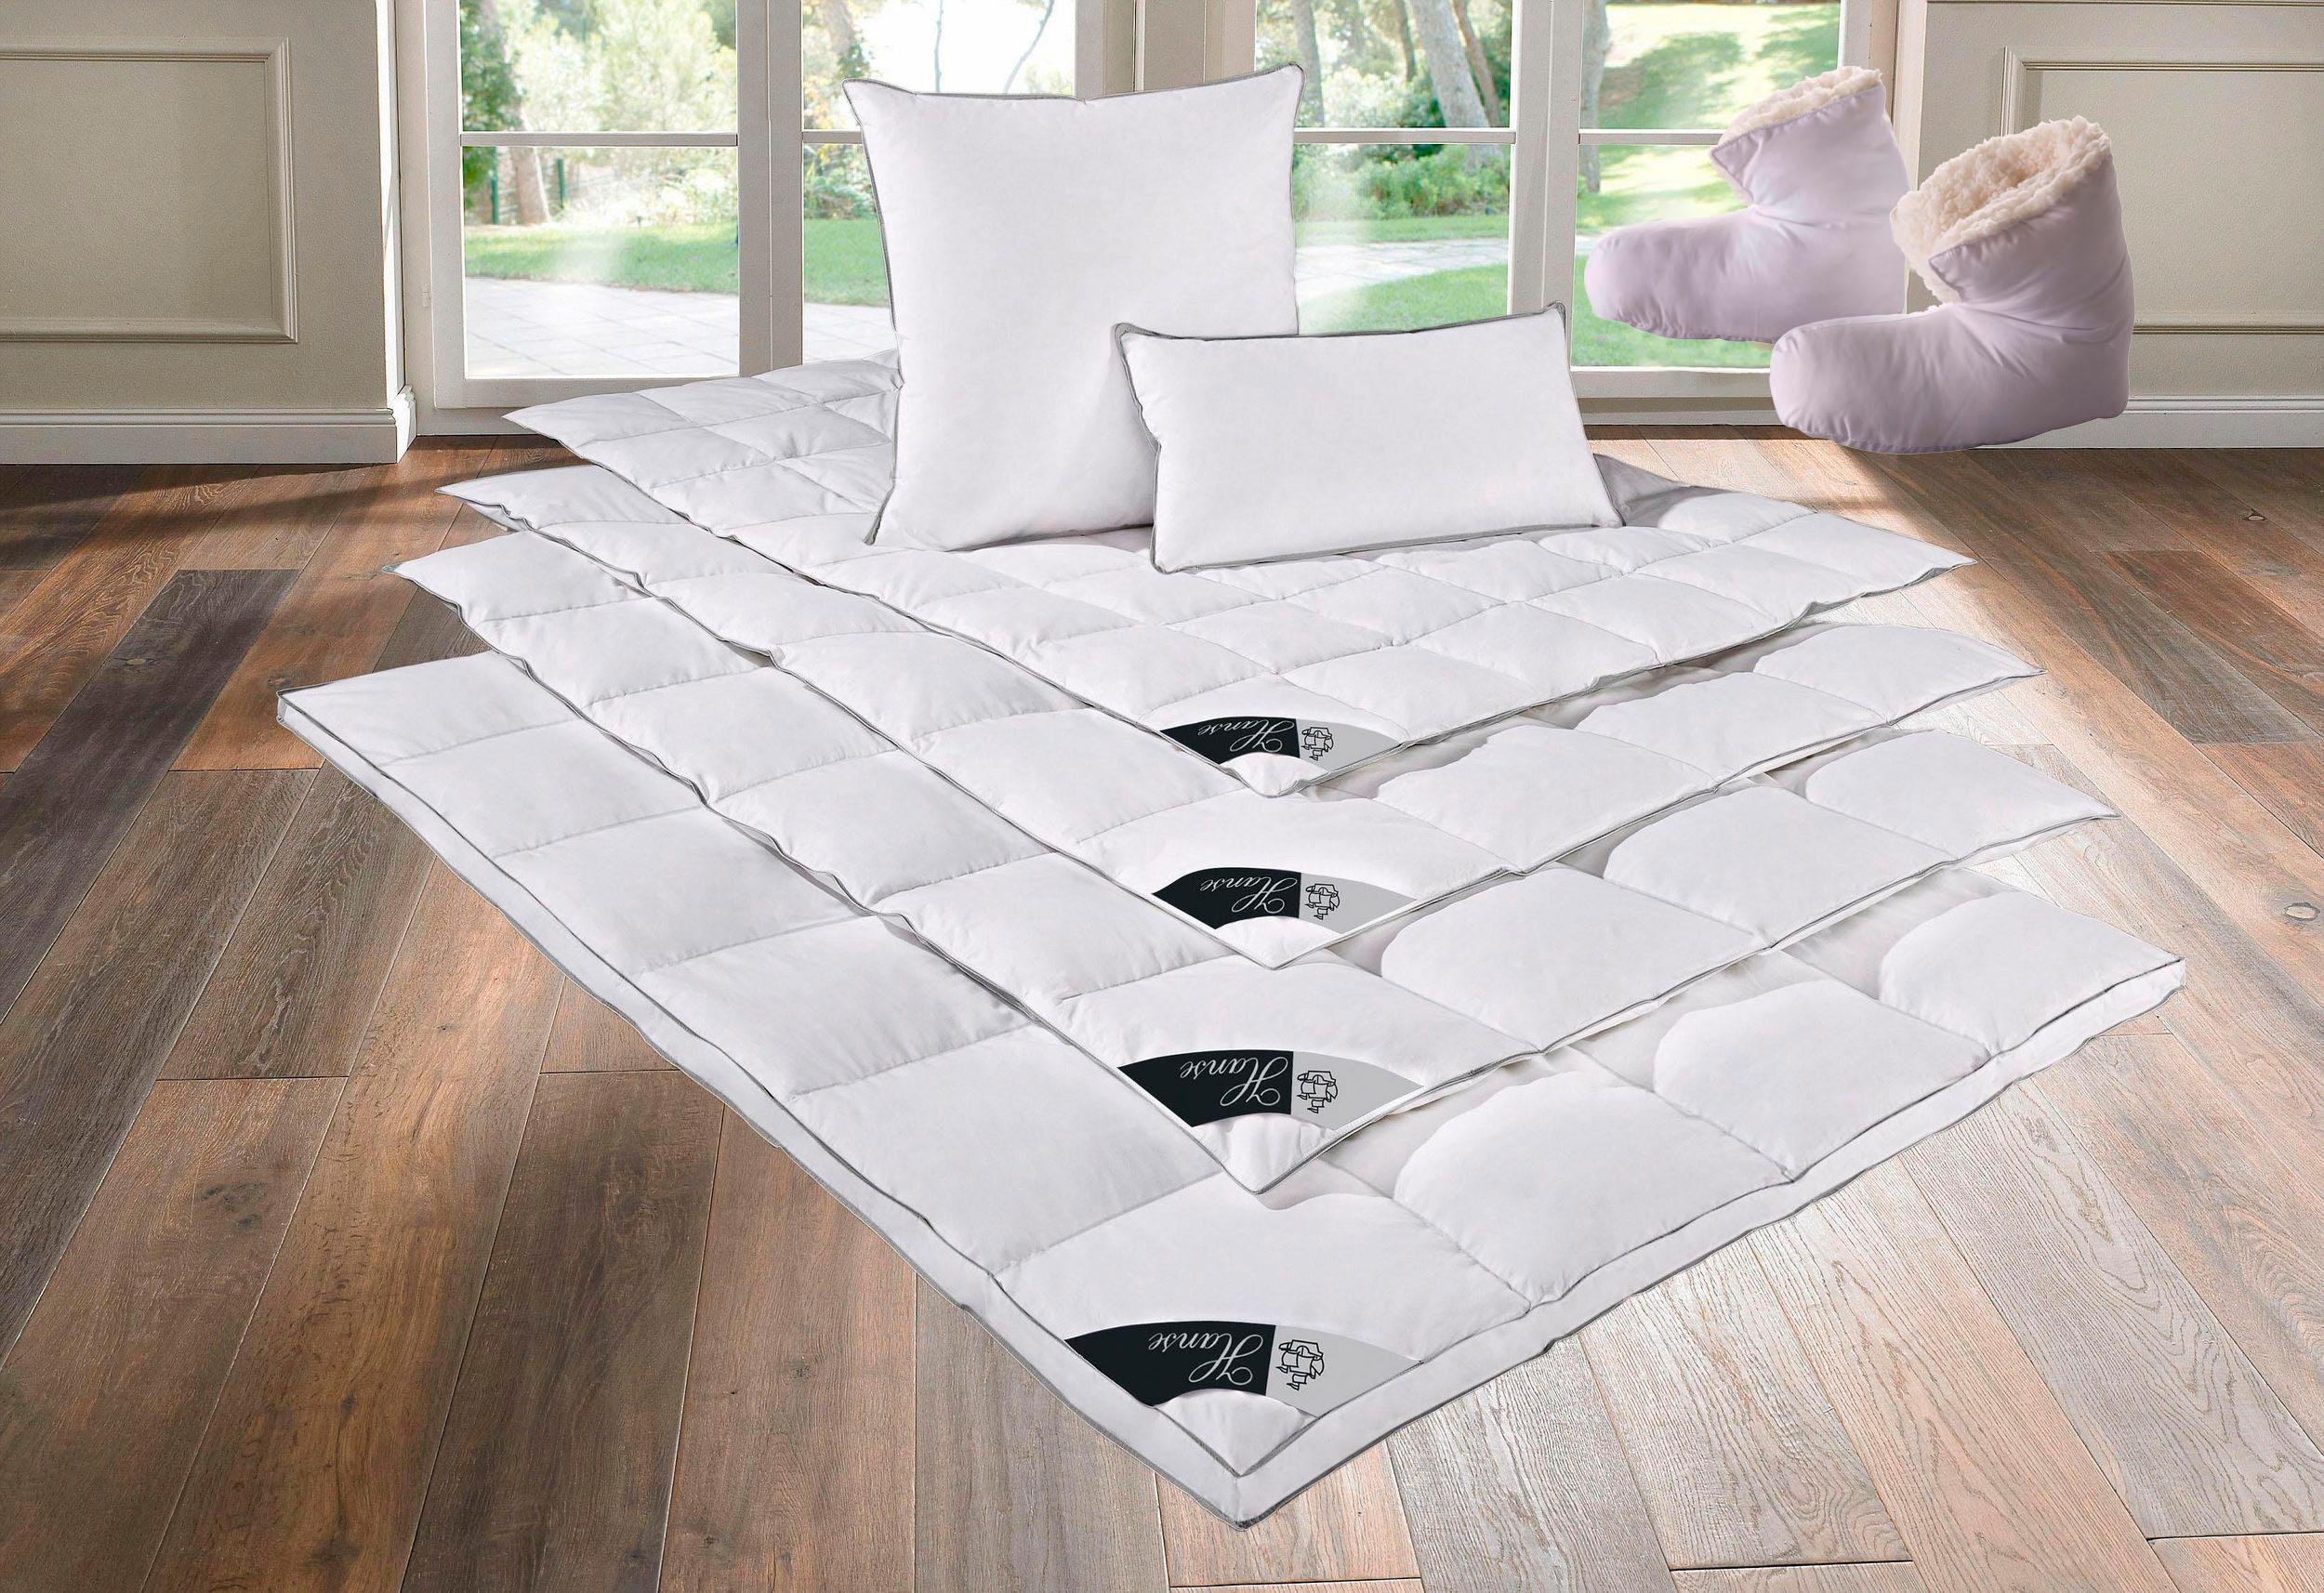 Daunenbettdecken + Kopfkissen Lea Hanse by RIBECO warm | Heimtextilien > Decken und Kissen > Bettdecken | Weiß | Baumwolle - Federn | Hanse